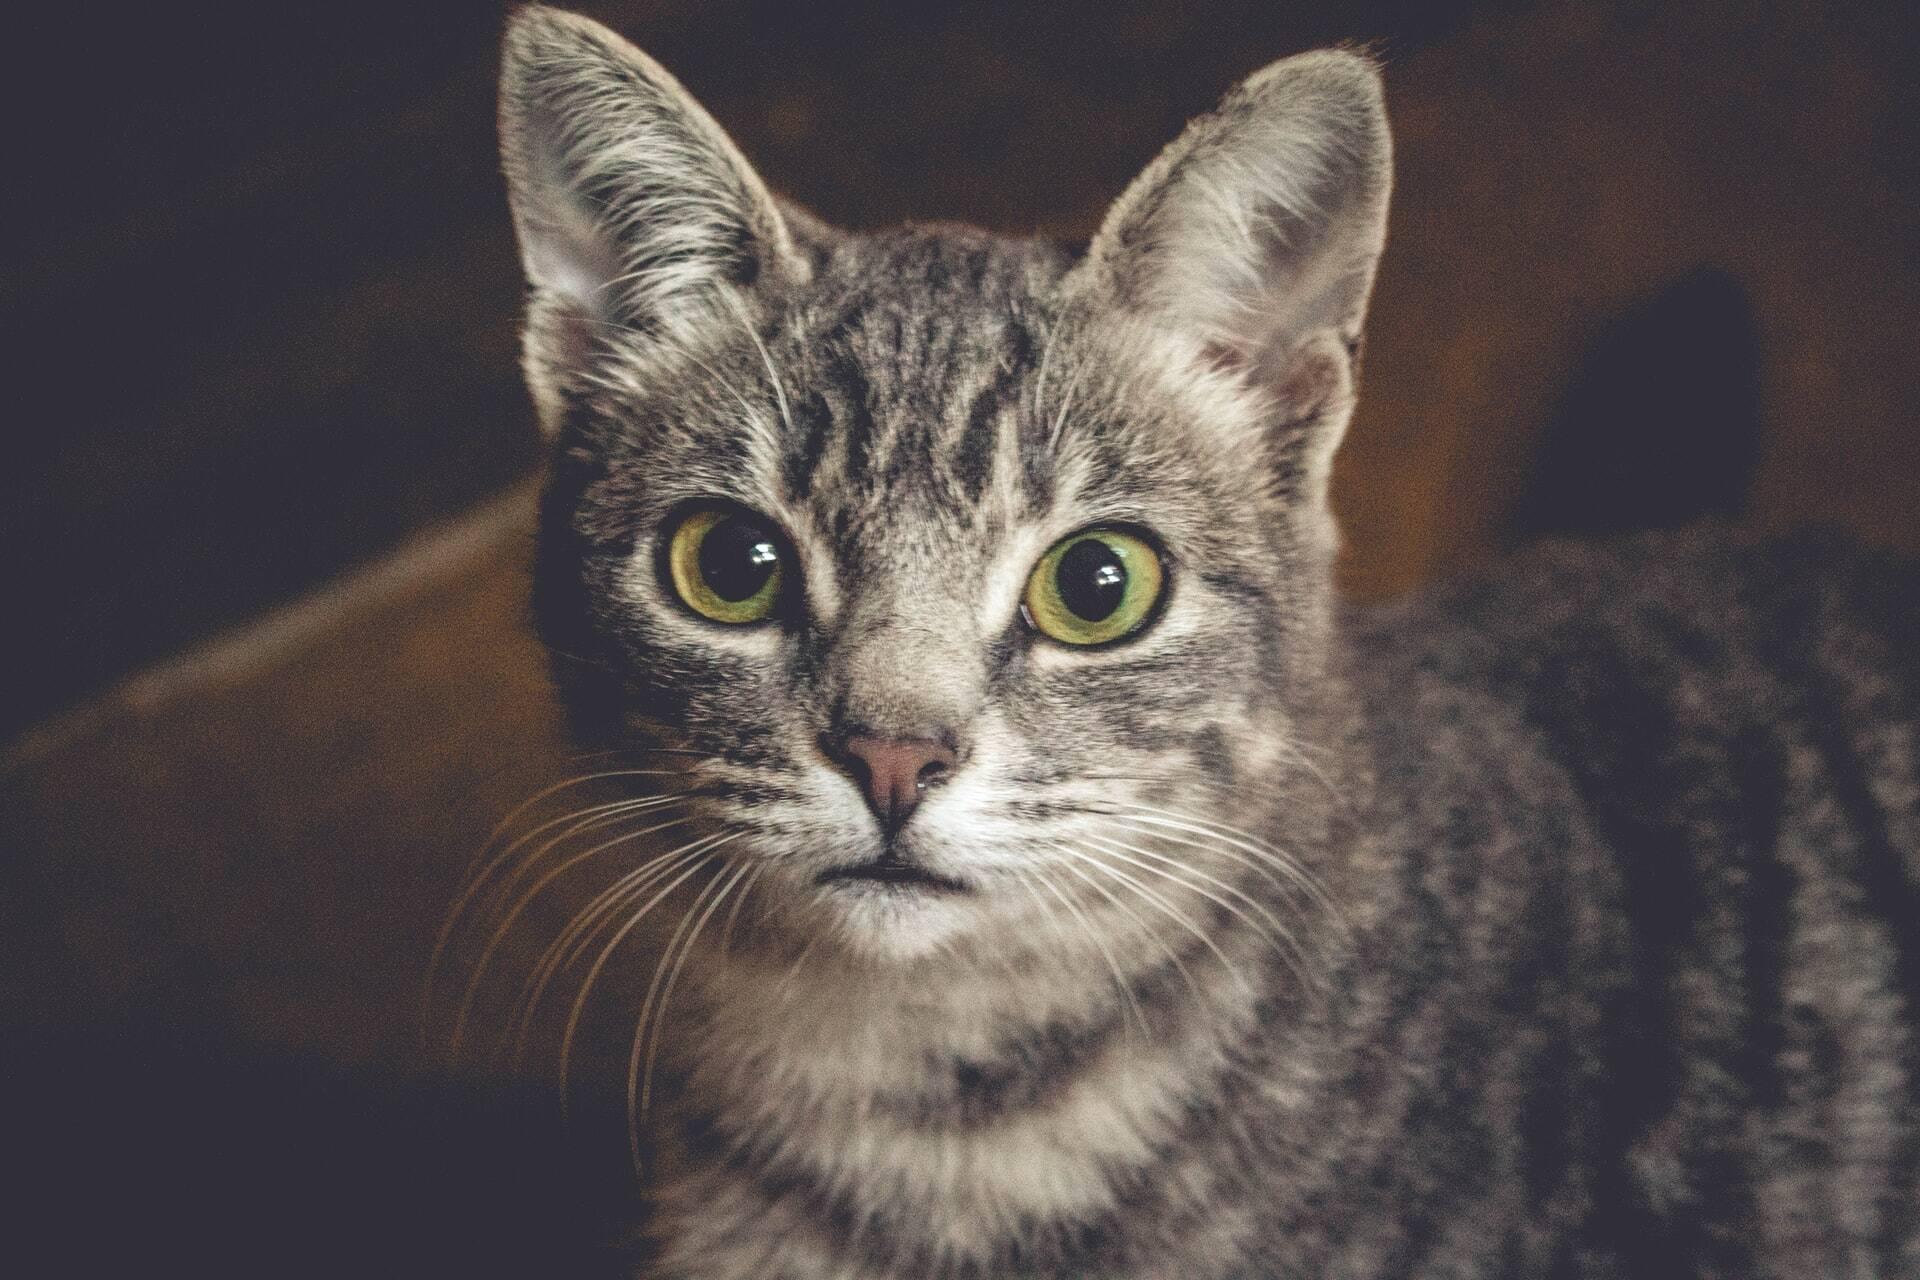 Antes de se apavorar com a perda de bigode do seu gato, veja o que dizem os veterinários